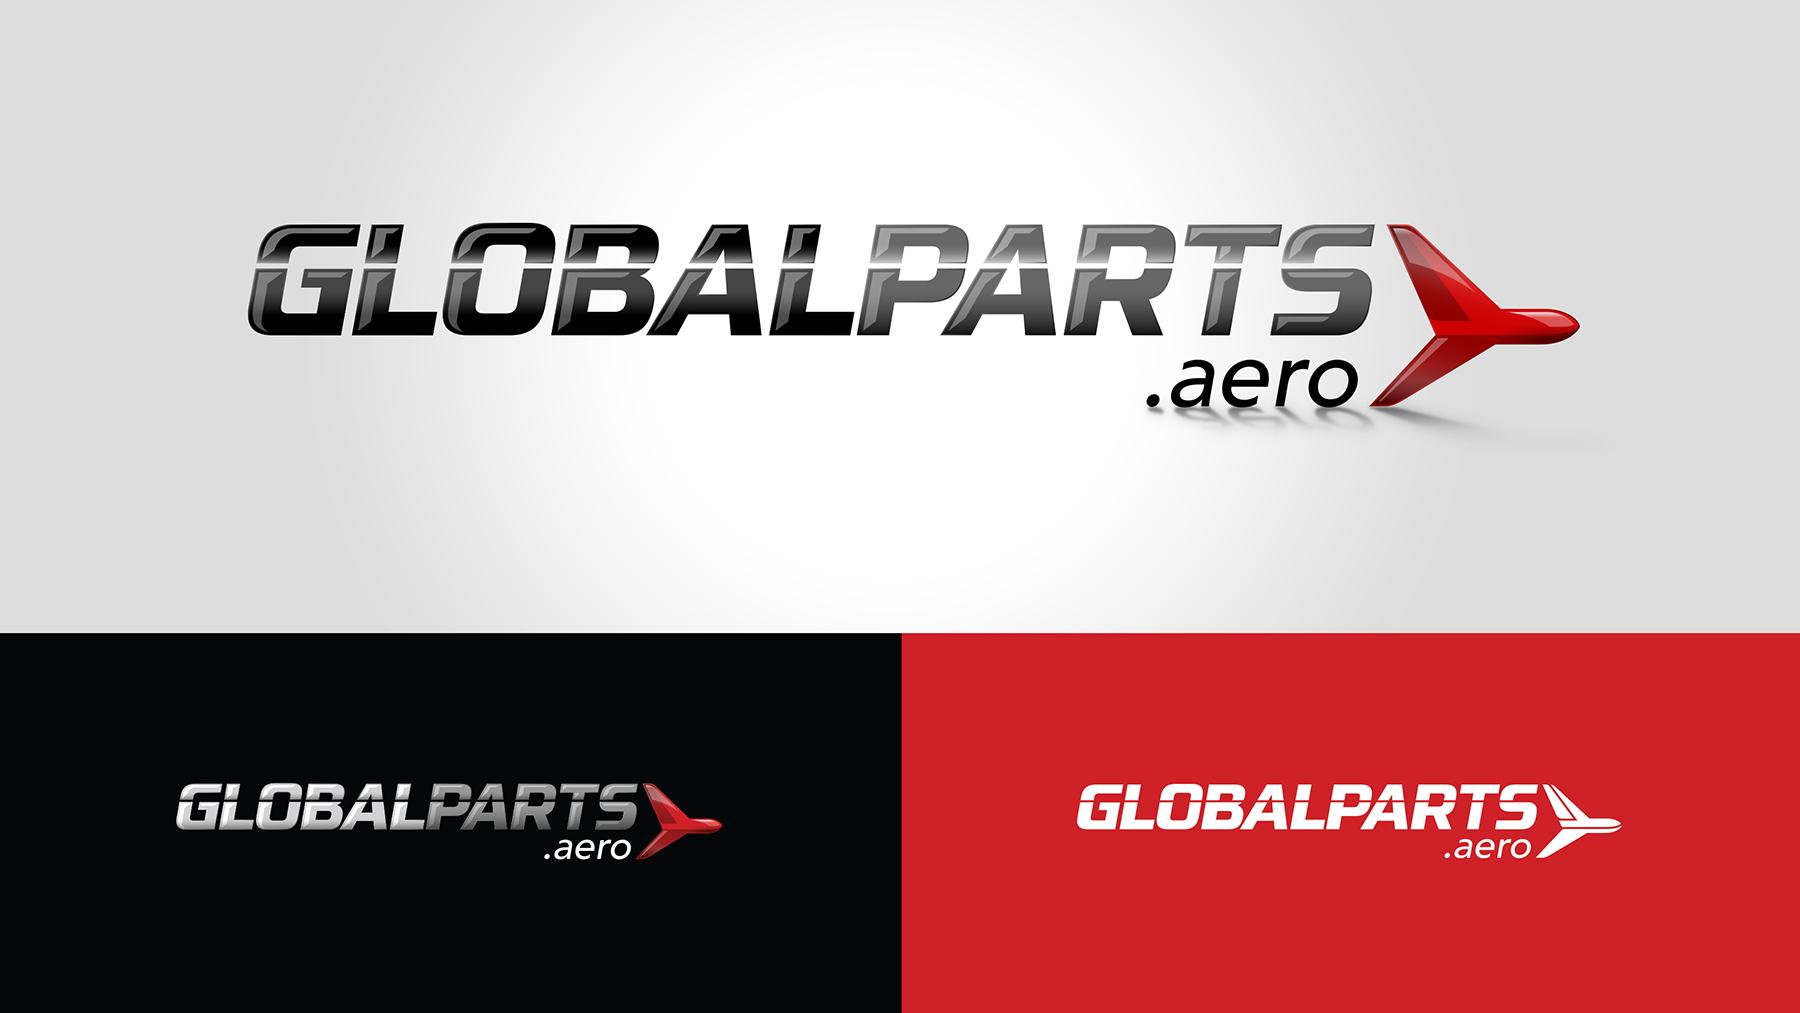 jajo-globalpartsaero-casestudy-2